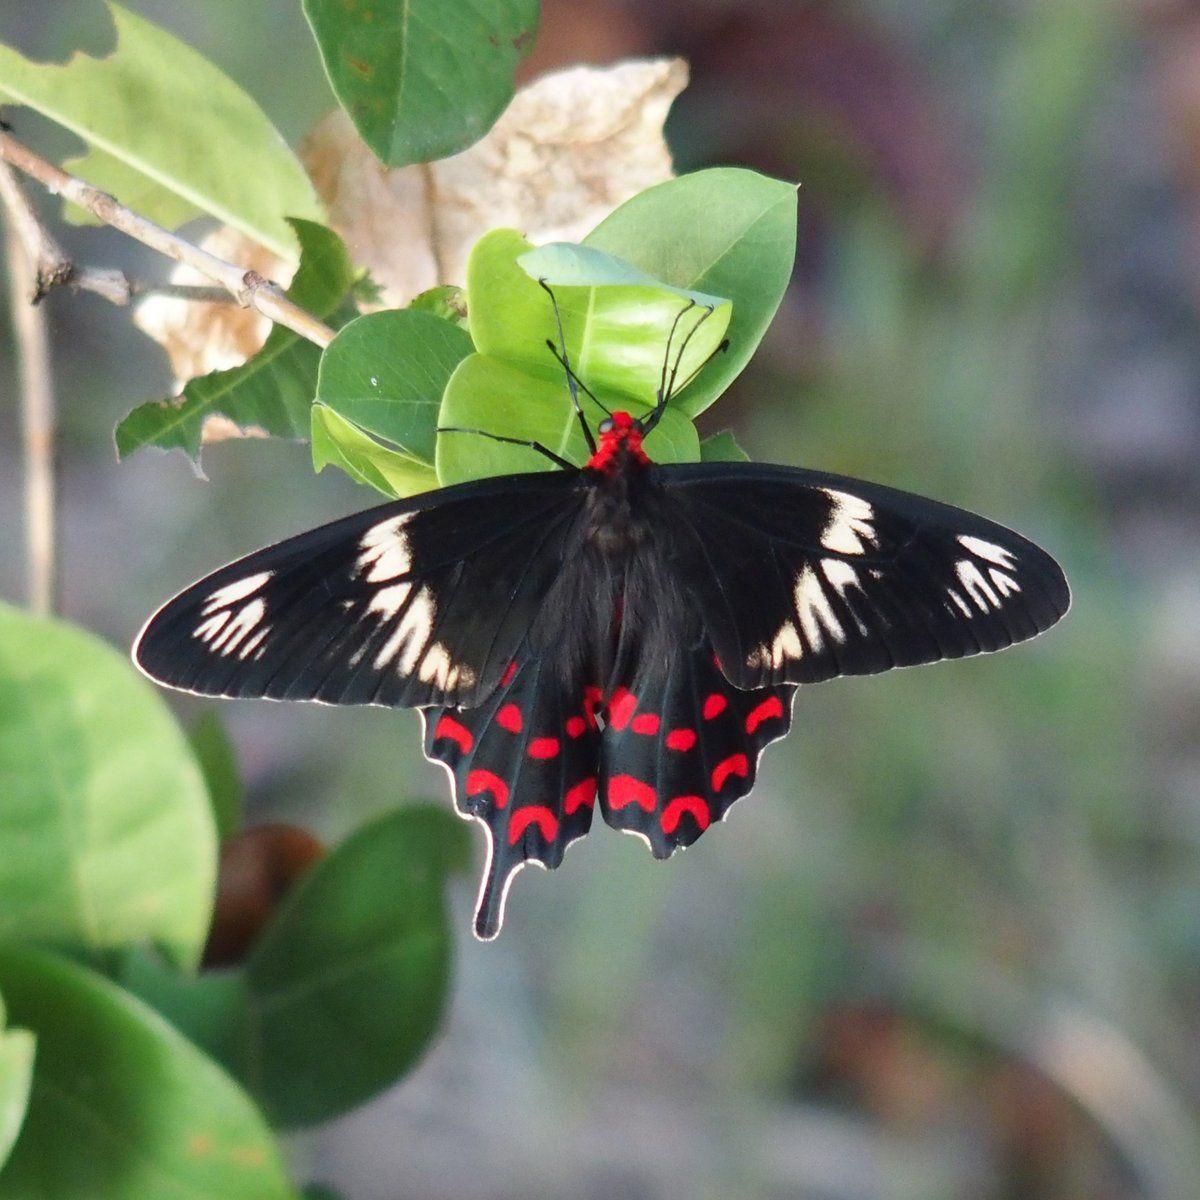 The Crimson Rose, Pachliopta hector, flies year round in